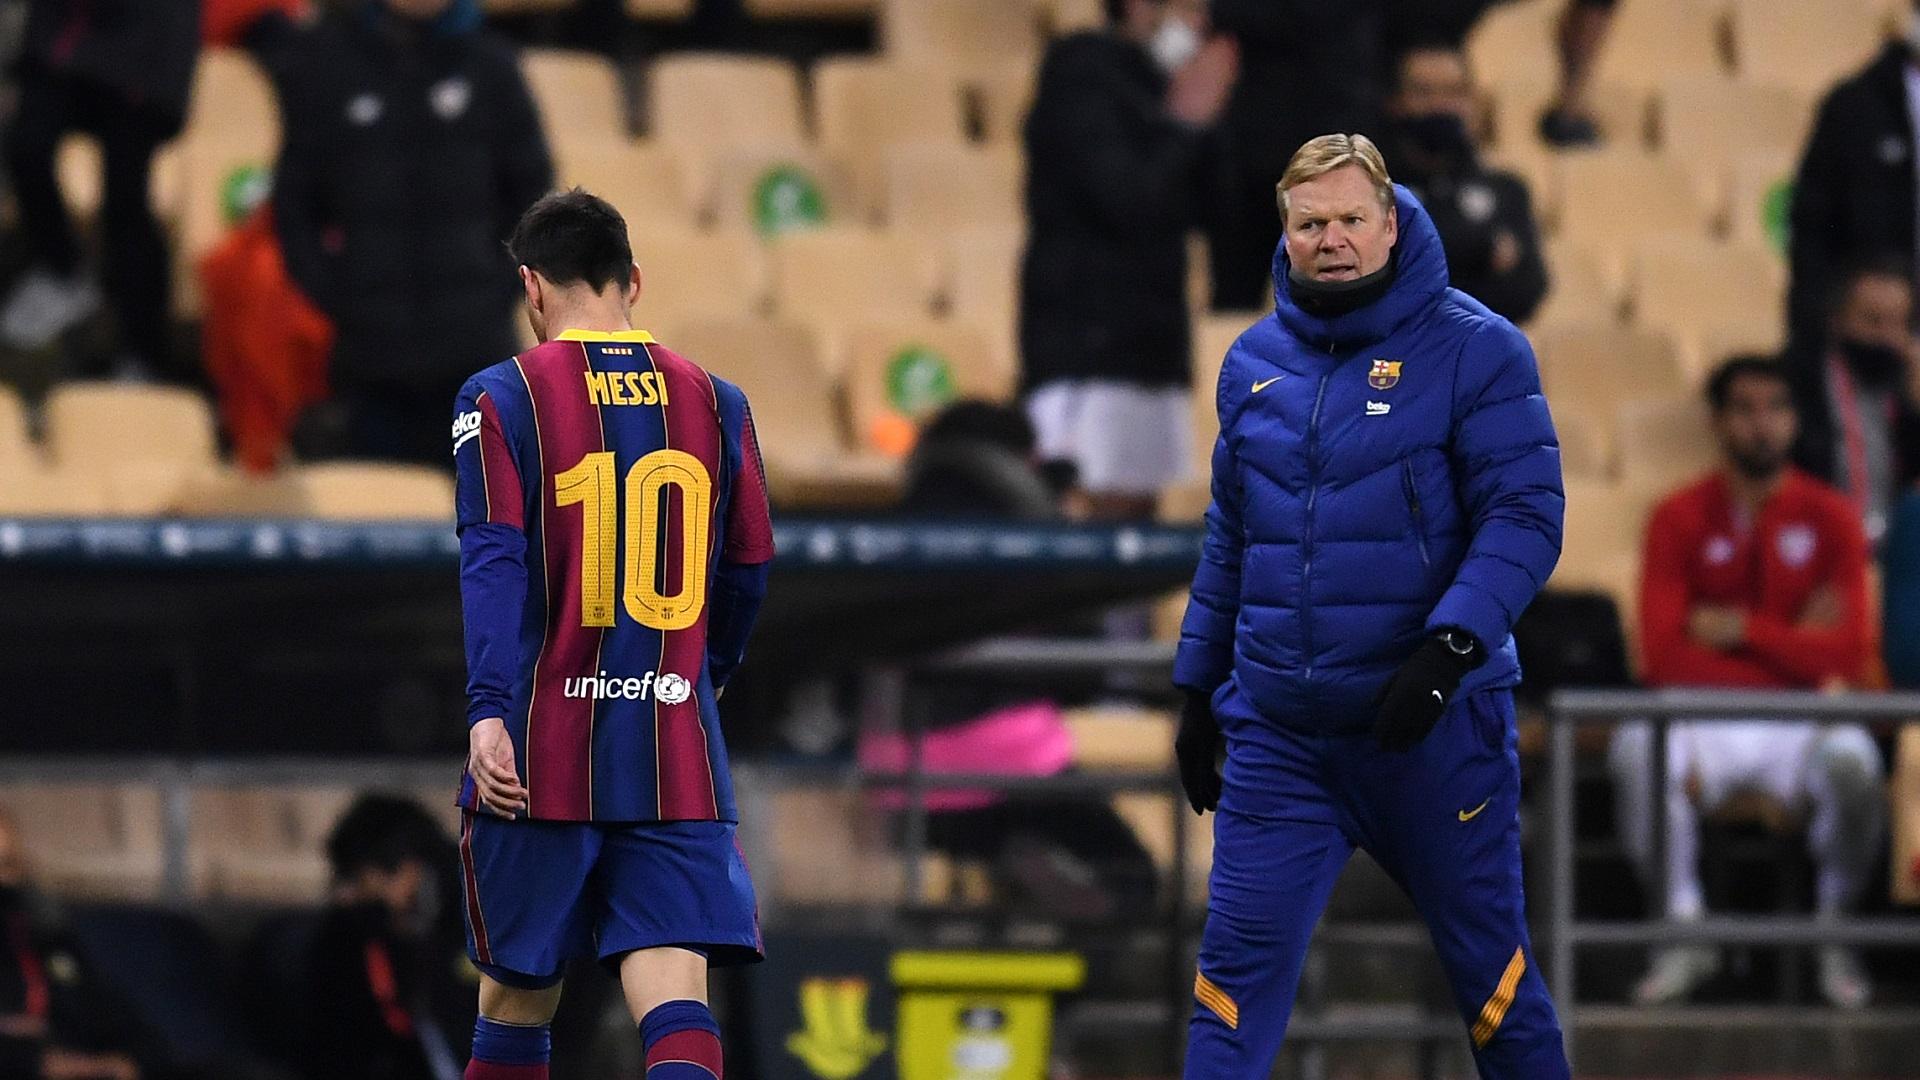 Уход Месси – спасение «Барселоны» и шанс на исправление. Клуб сам не оставил себе выбора